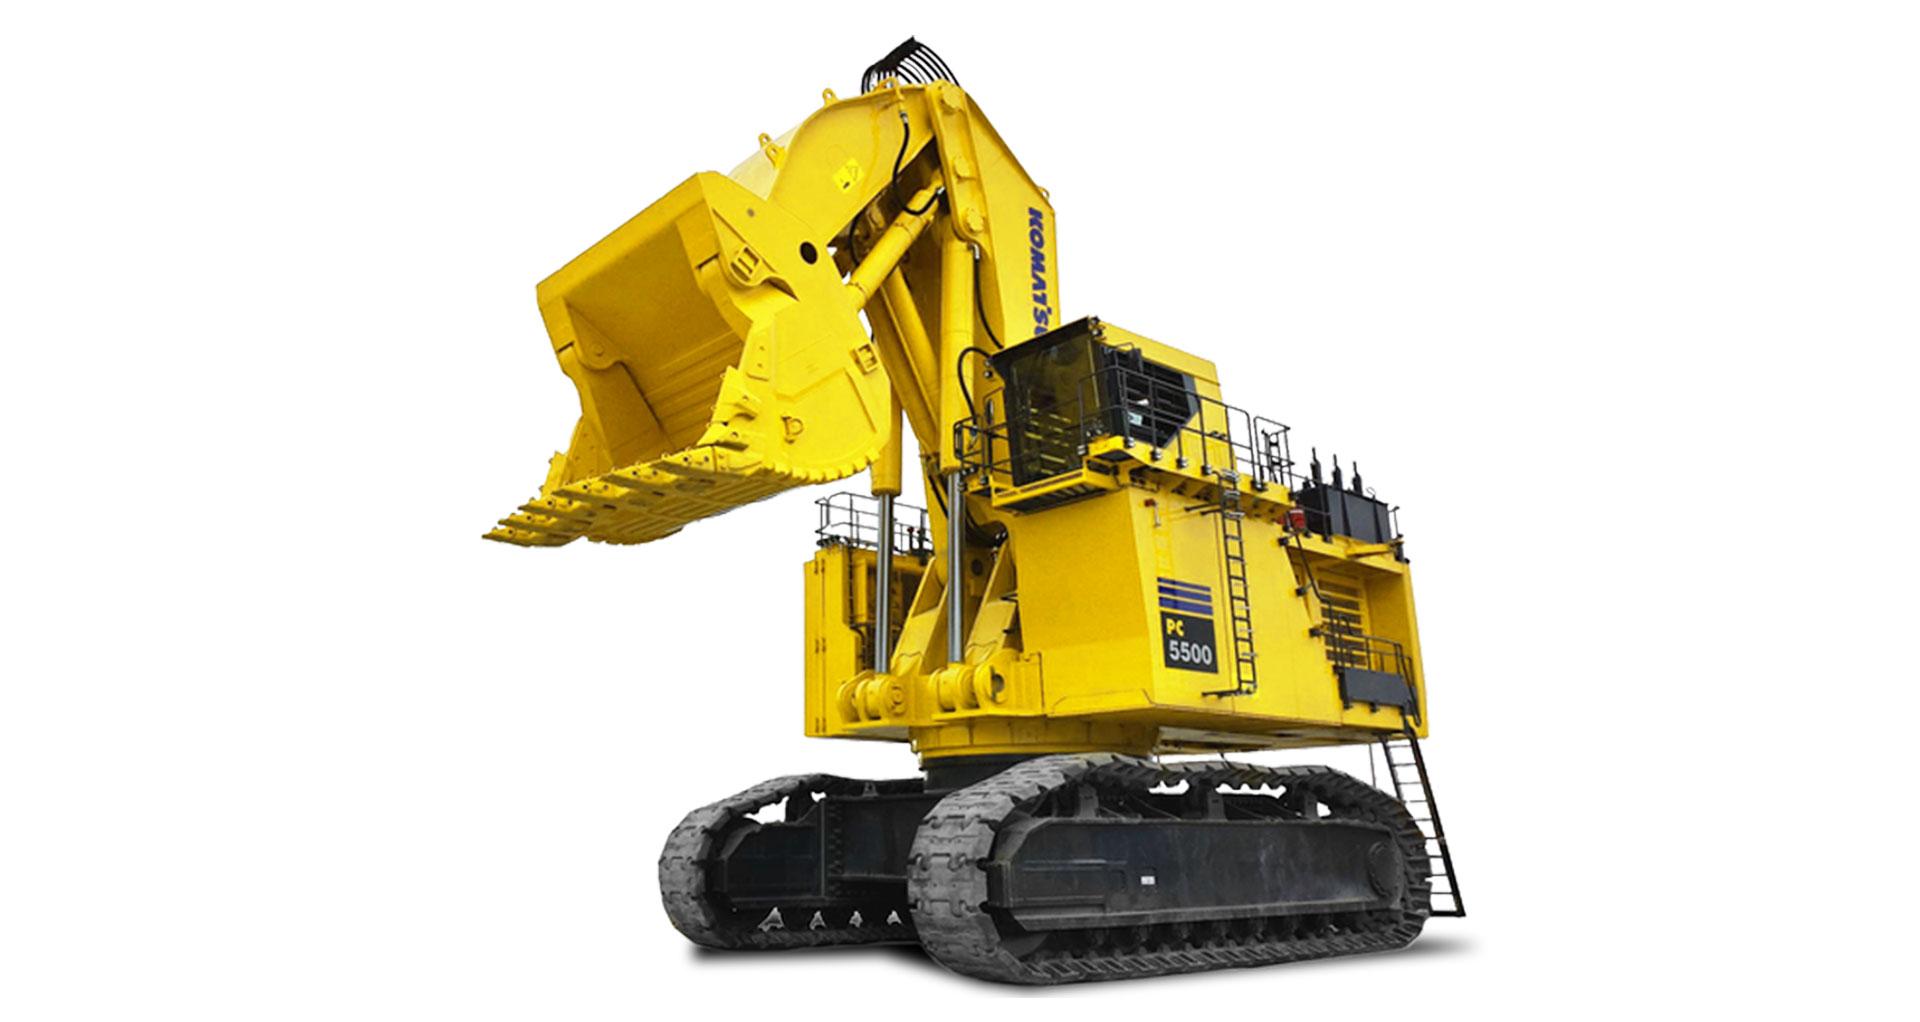 Escavatore idraulico da miniera Komatsu PC5500-6